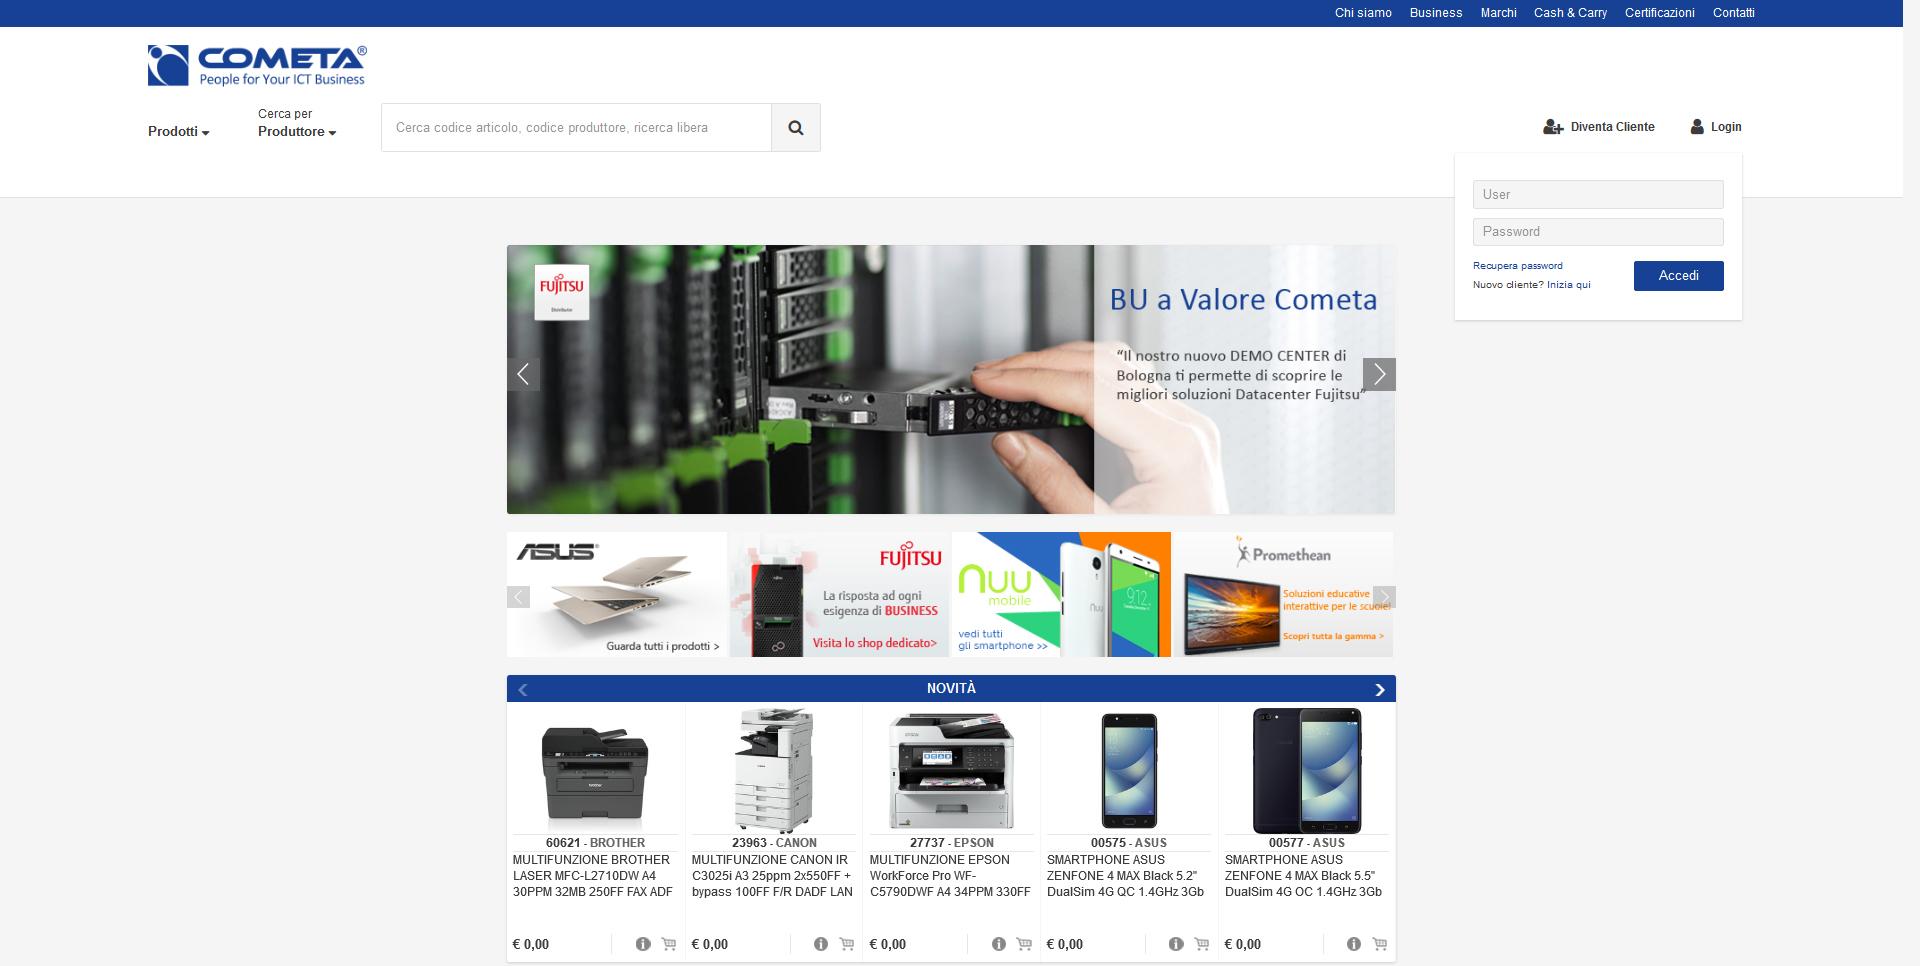 È online il nuovo sito e-commerce di Cometa